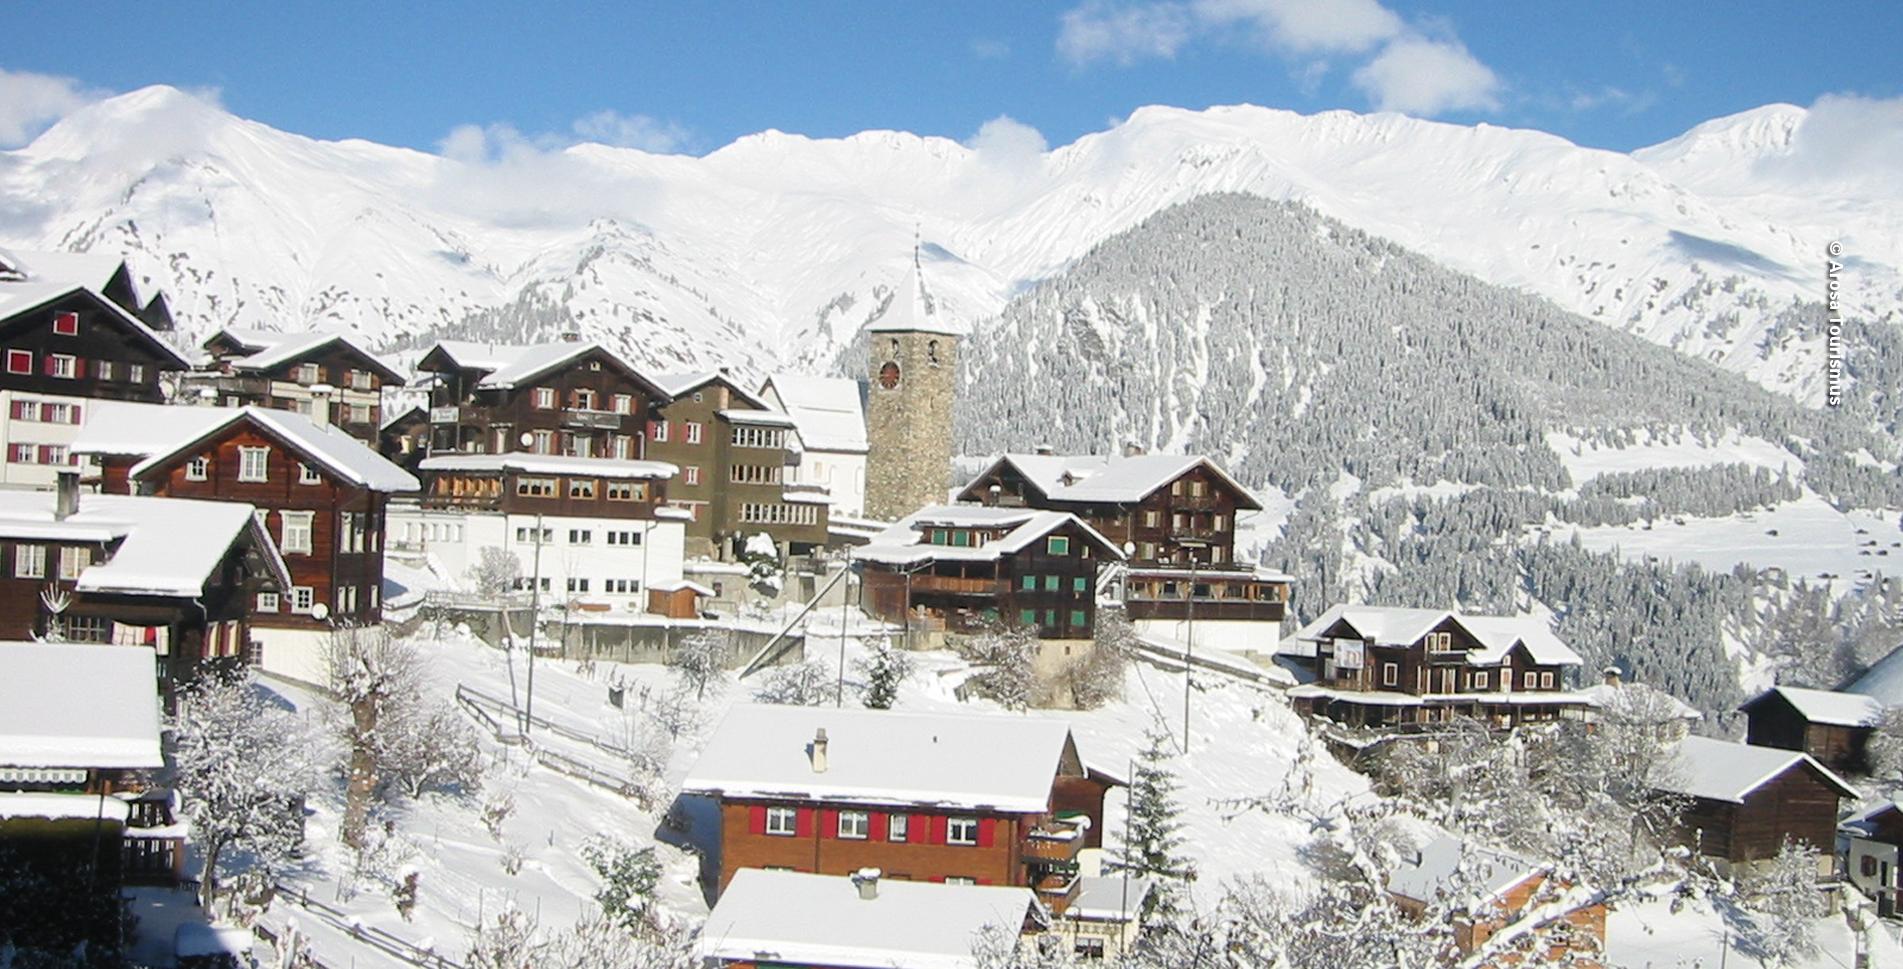 Winterwanderung Tschiertschen Rundweg (Schanfigg)